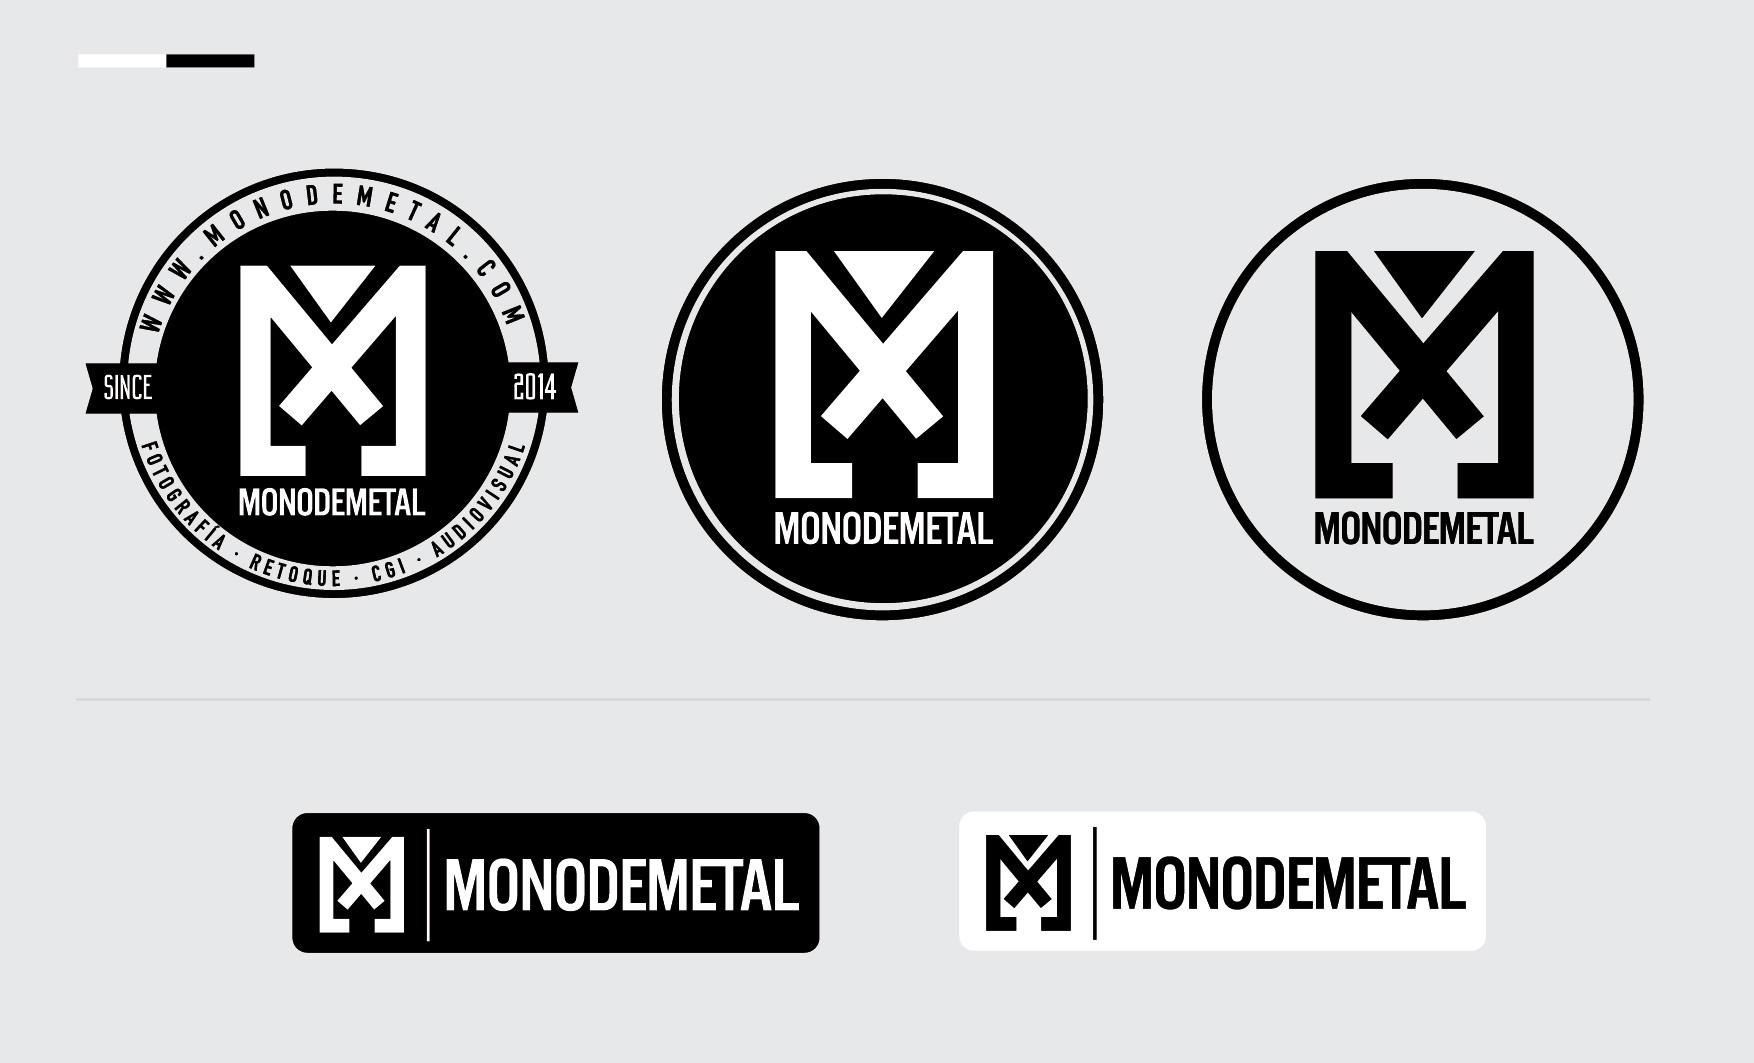 monodemetal